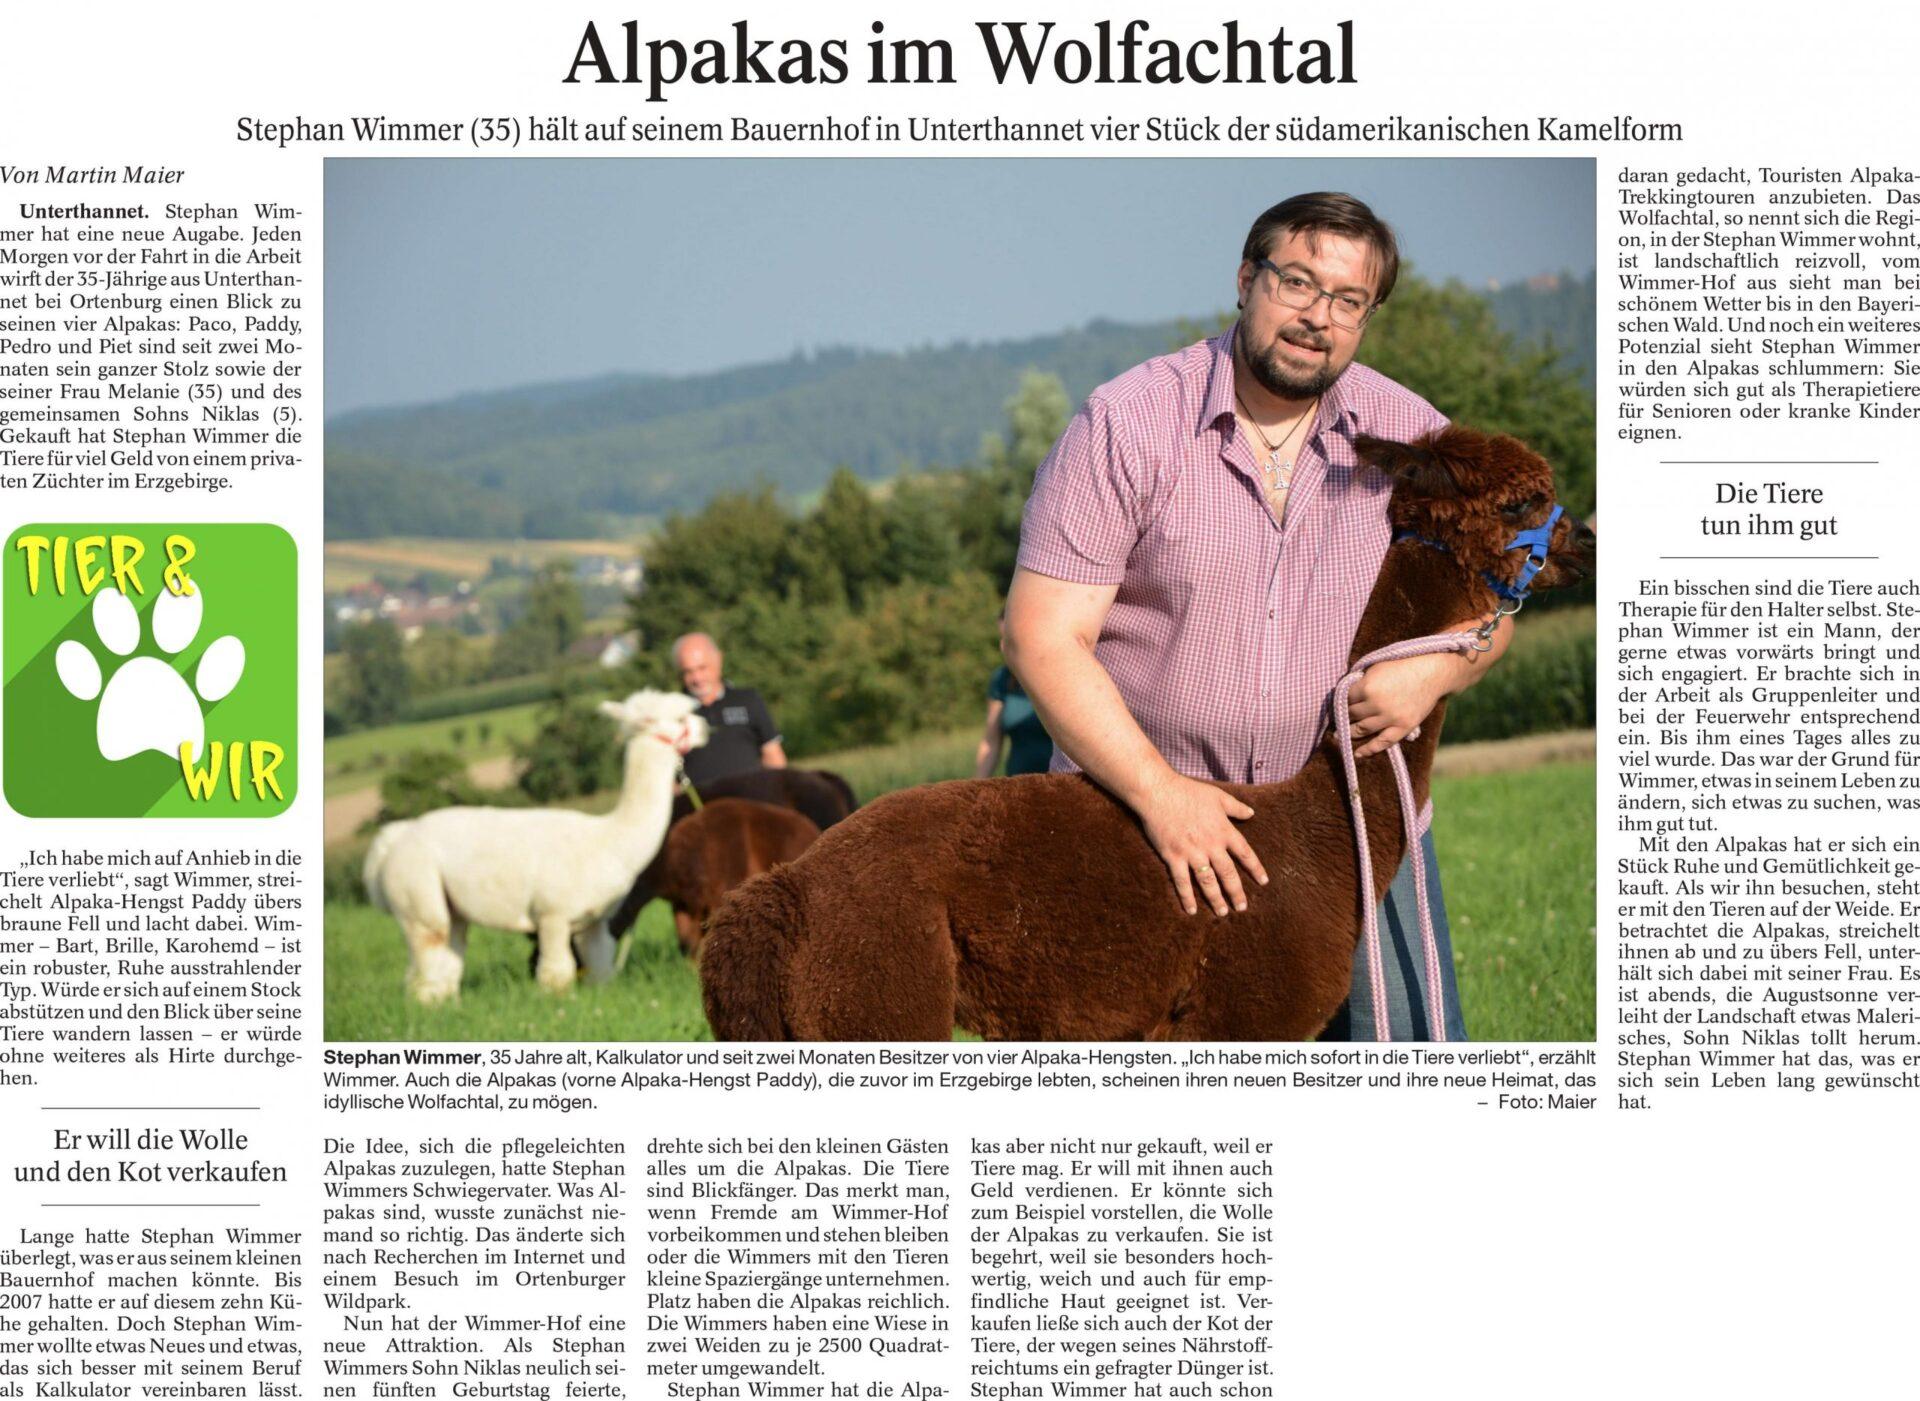 Zeitungsbericht des Vilshofener Anzeigers vom 15.08.2014